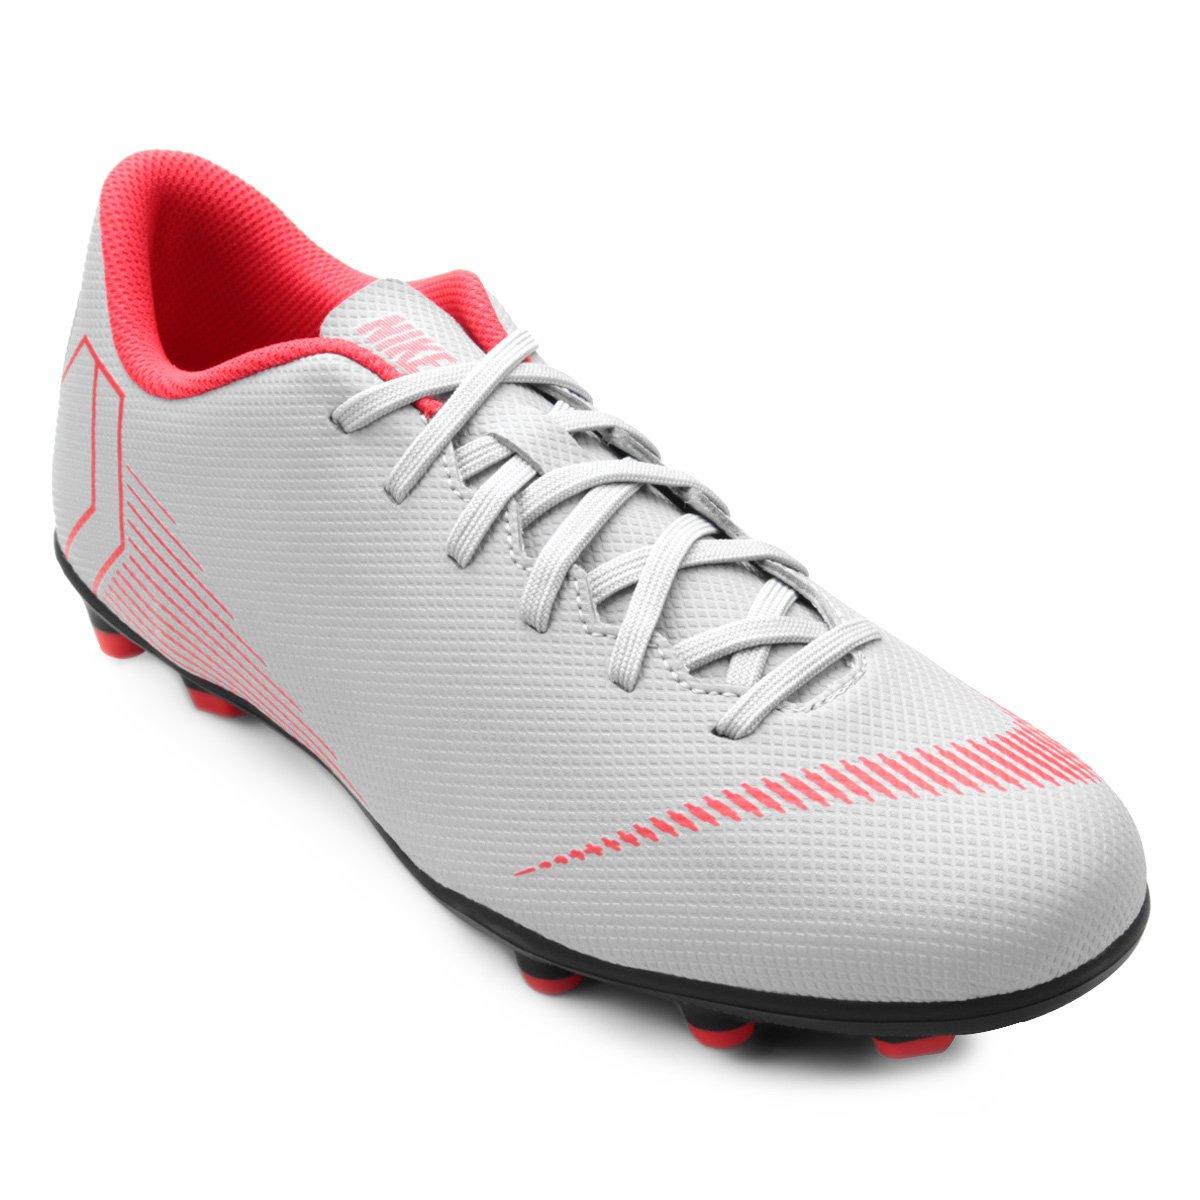 4a1e73c046f Chuteira Campo Nike Mercurial Vapor 12 Club - Cinza. R  249